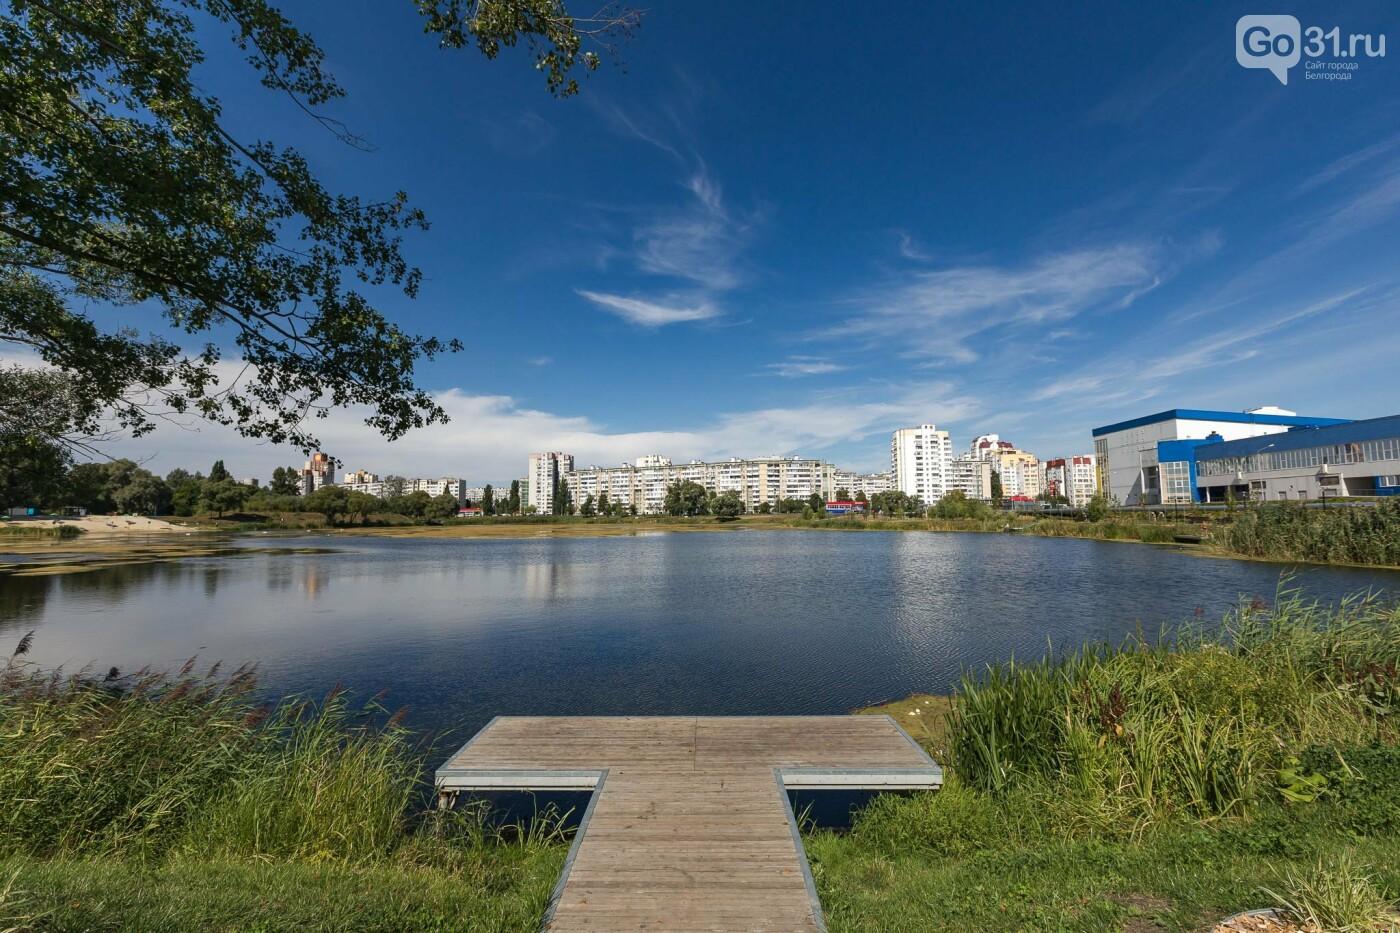 Кого можно встретить в предосеннем Белгороде. Фоторепортаж, фото-57, Фото: Антон Вергун